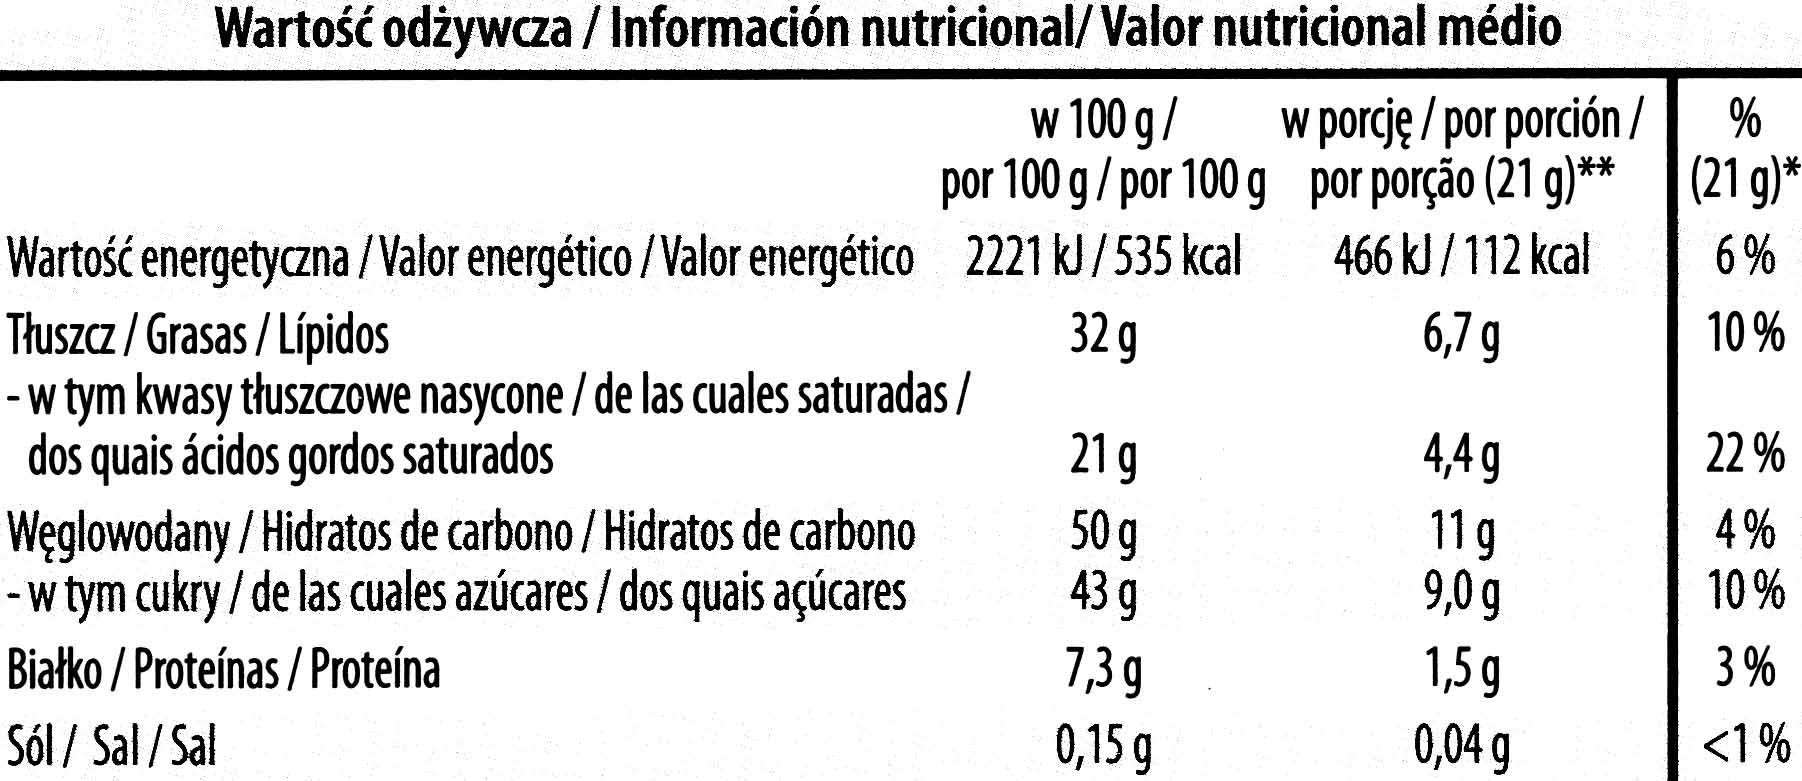 Láminas de chocolate amargo - Información nutricional